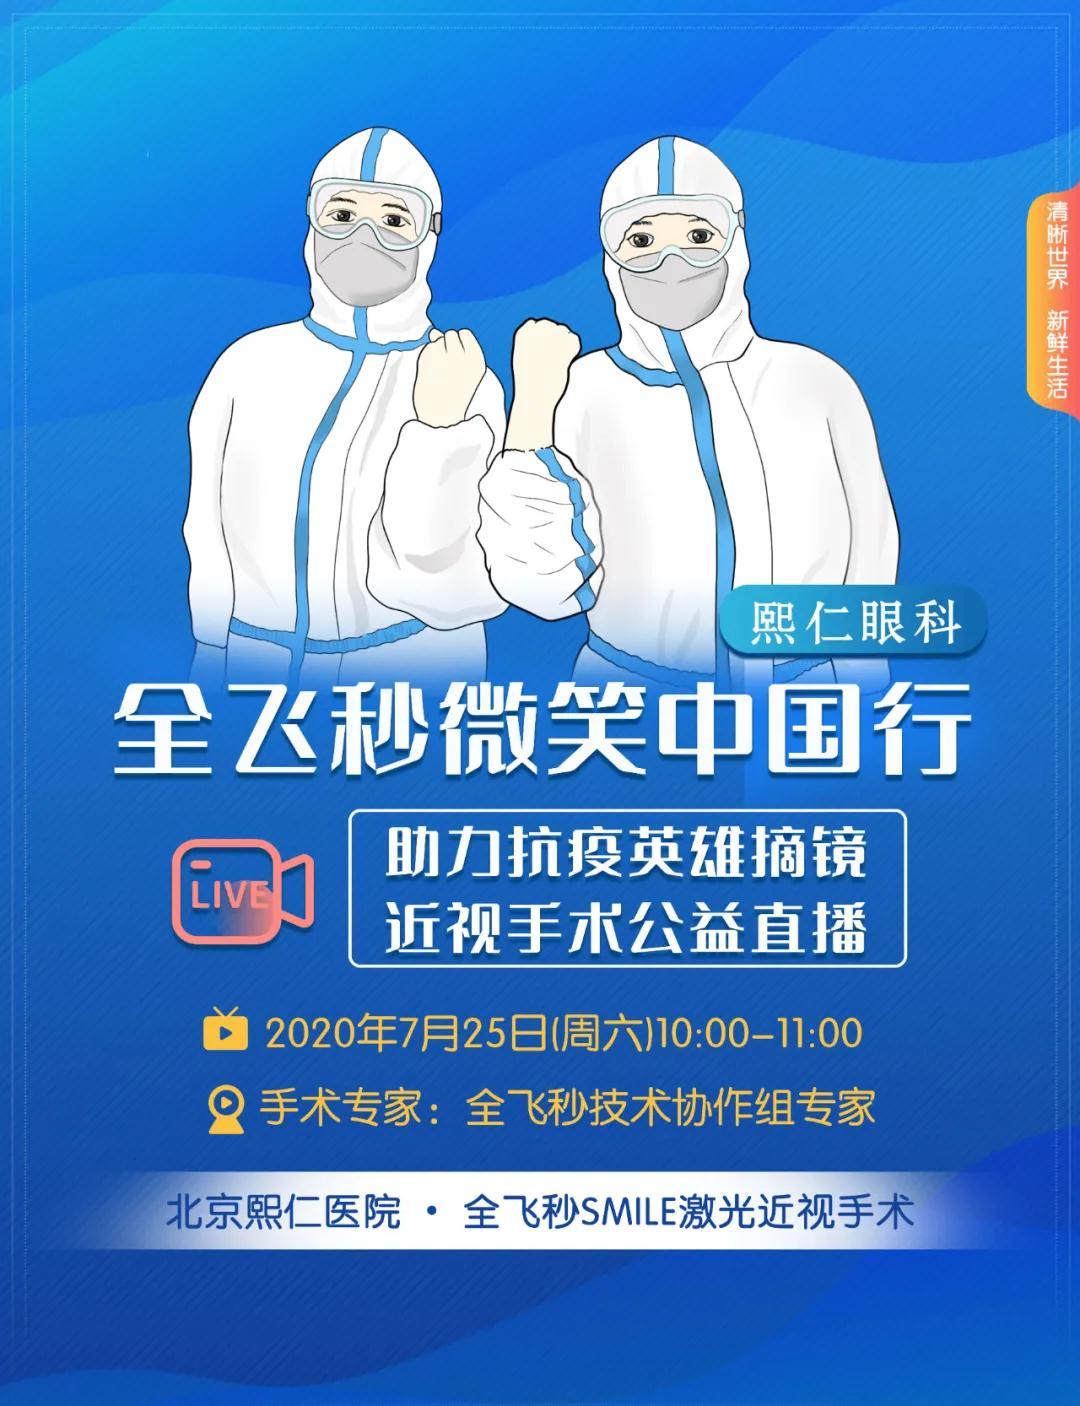 北京熙仁眼科医院-助力抗疫英雄 | 7月25日全飞秒近视手术直播,带您了解手术全过程